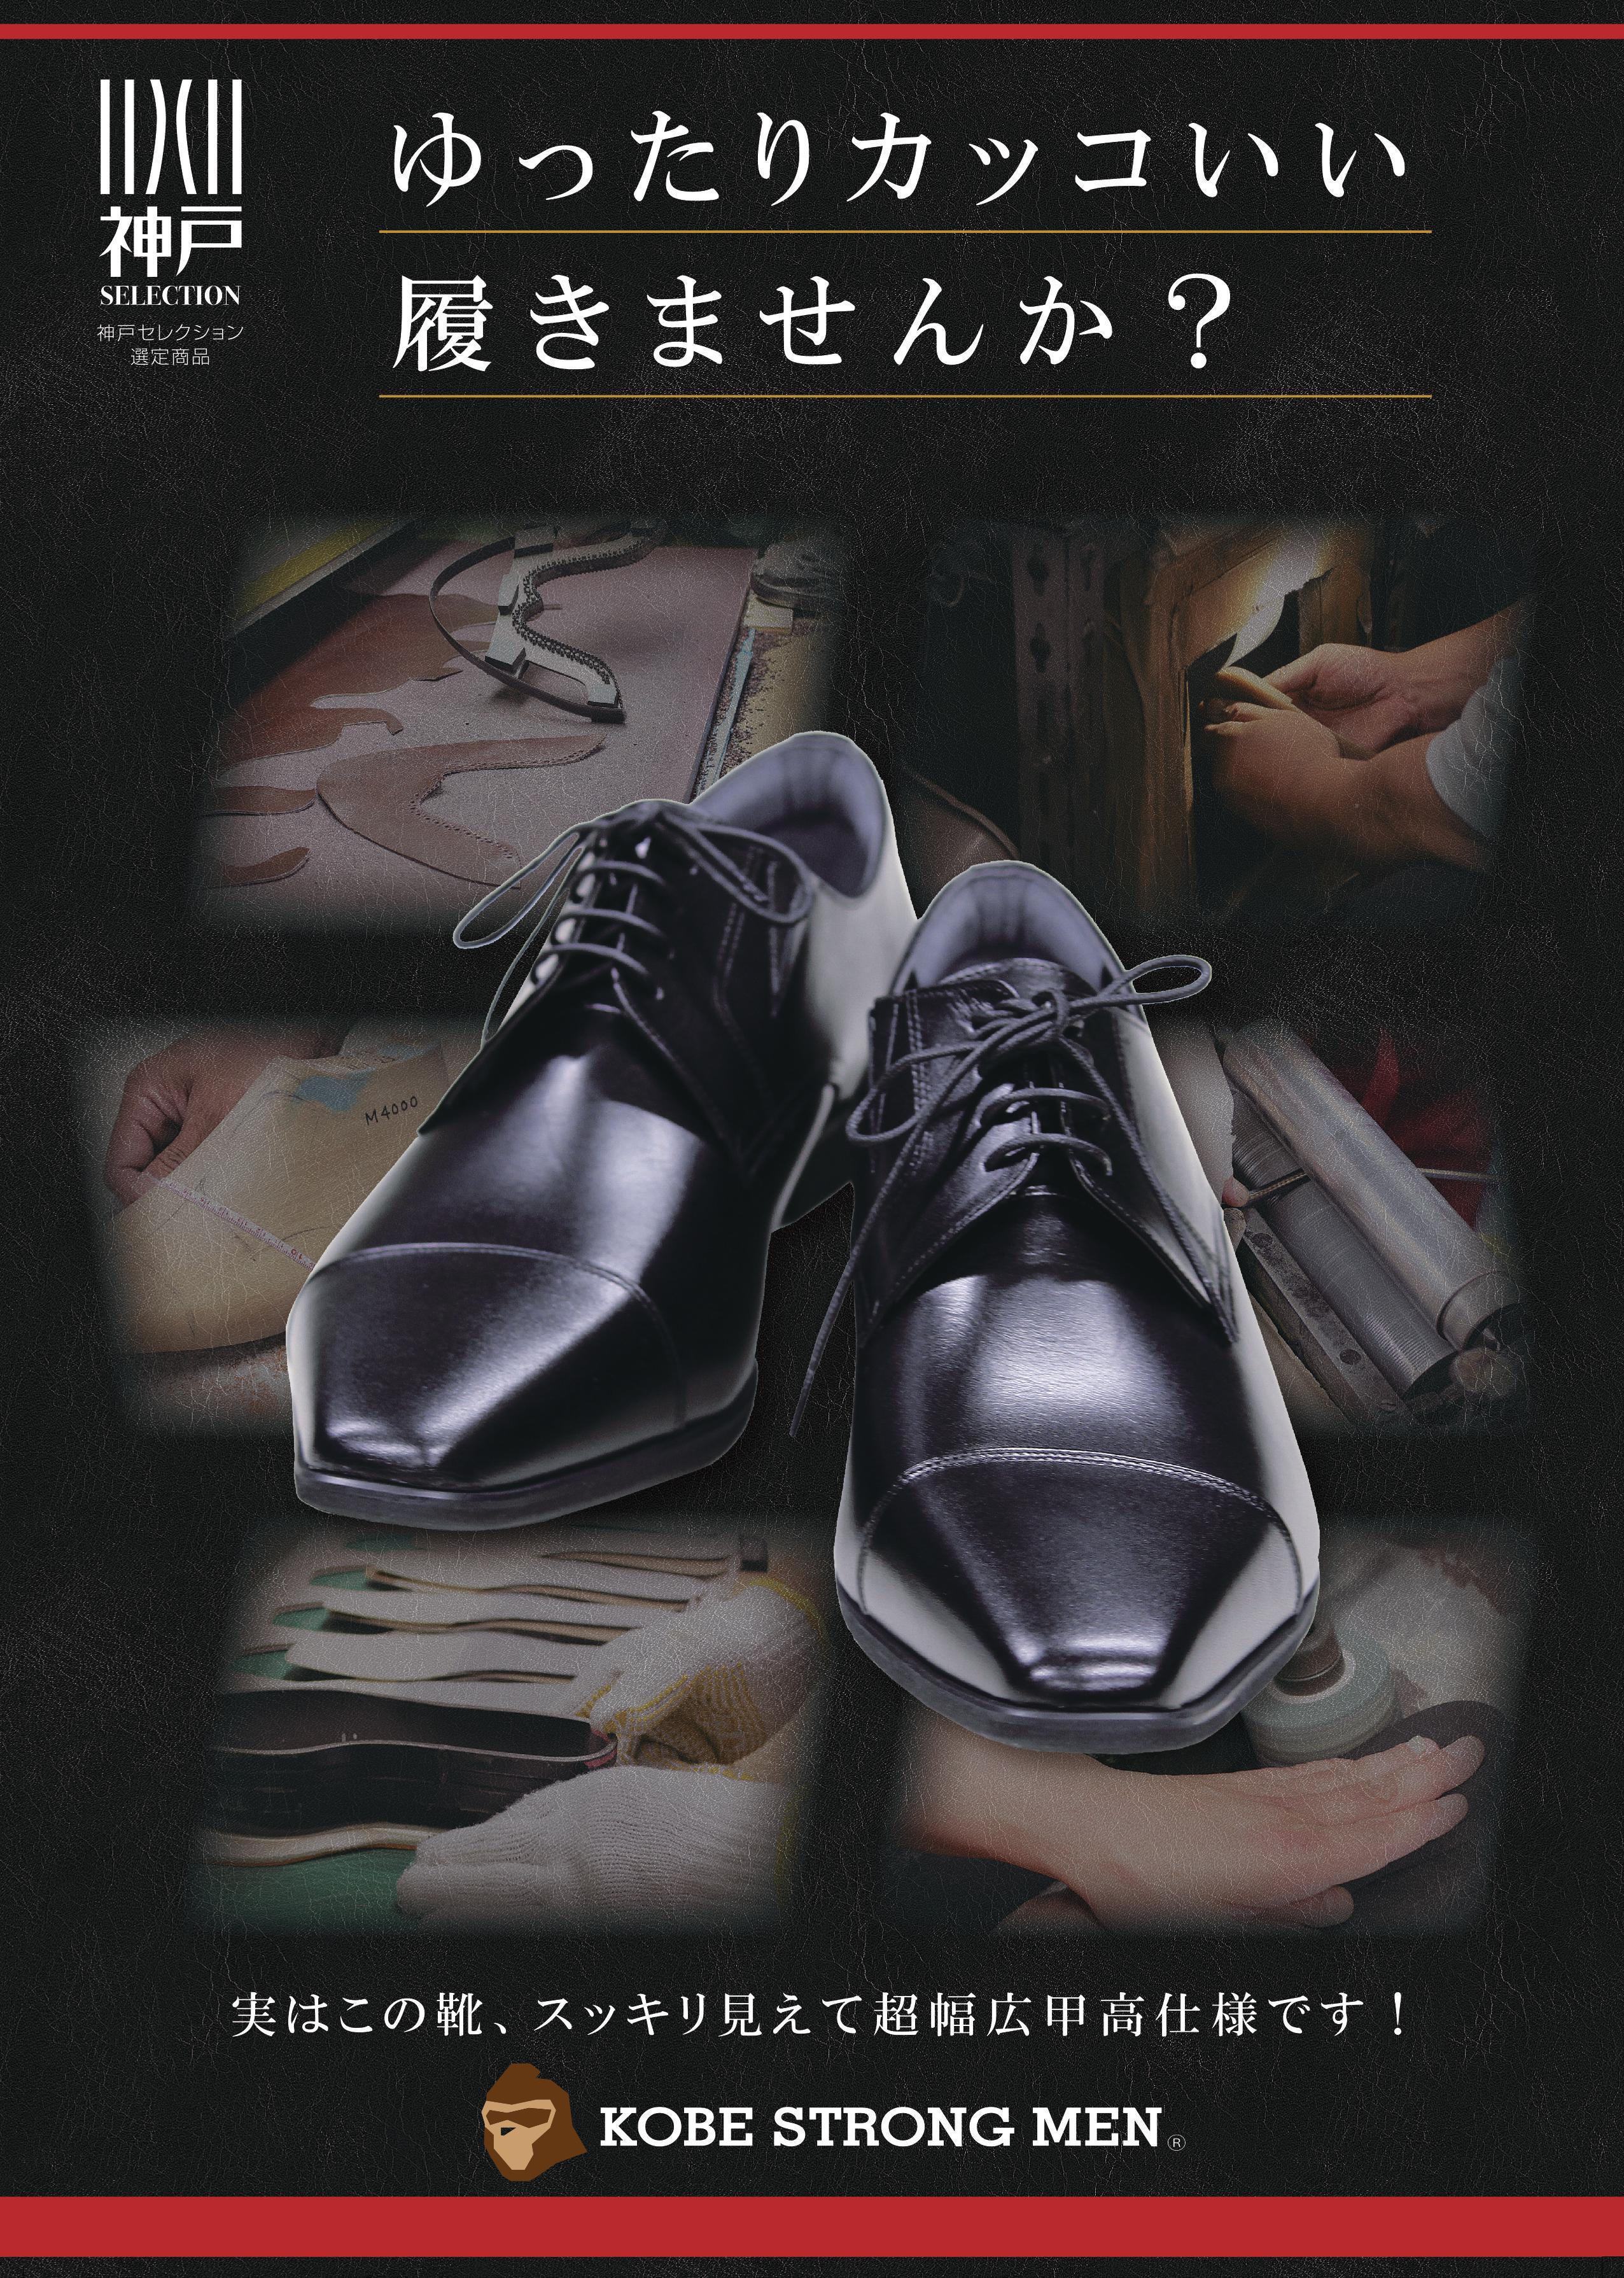 メン 神戸 ストロング 自社製☆ソフトな肌触り☆洗える簡易マスク販売のお知らせ!!!